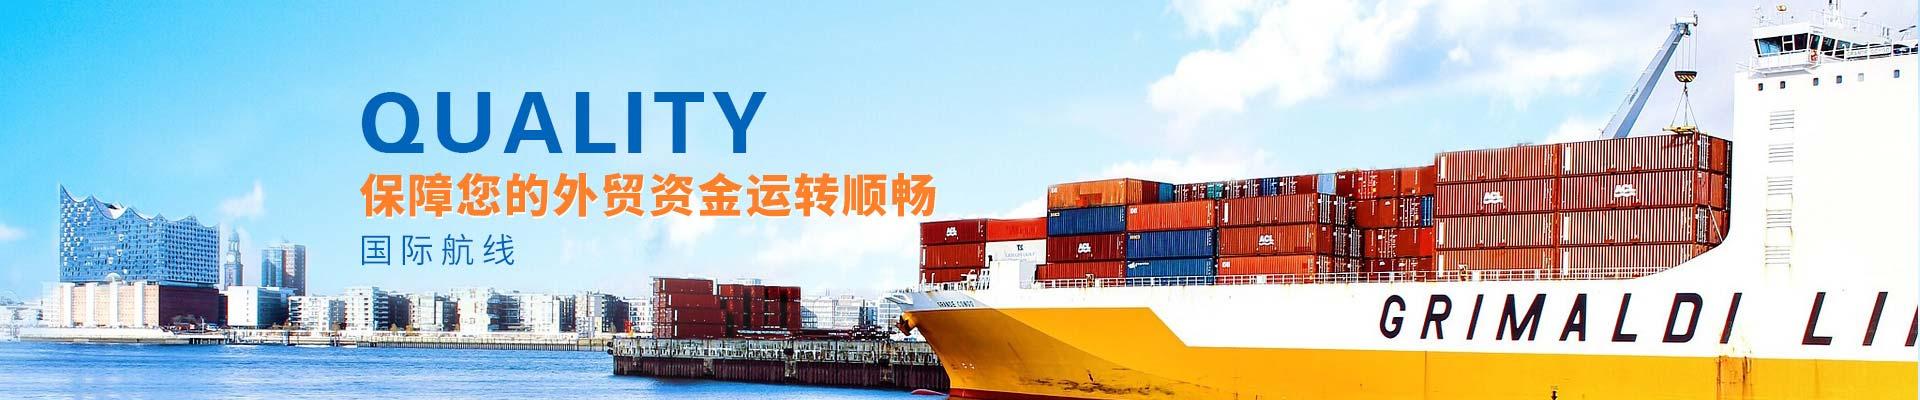 君威-国际航线,保障您的外贸资金运转顺畅